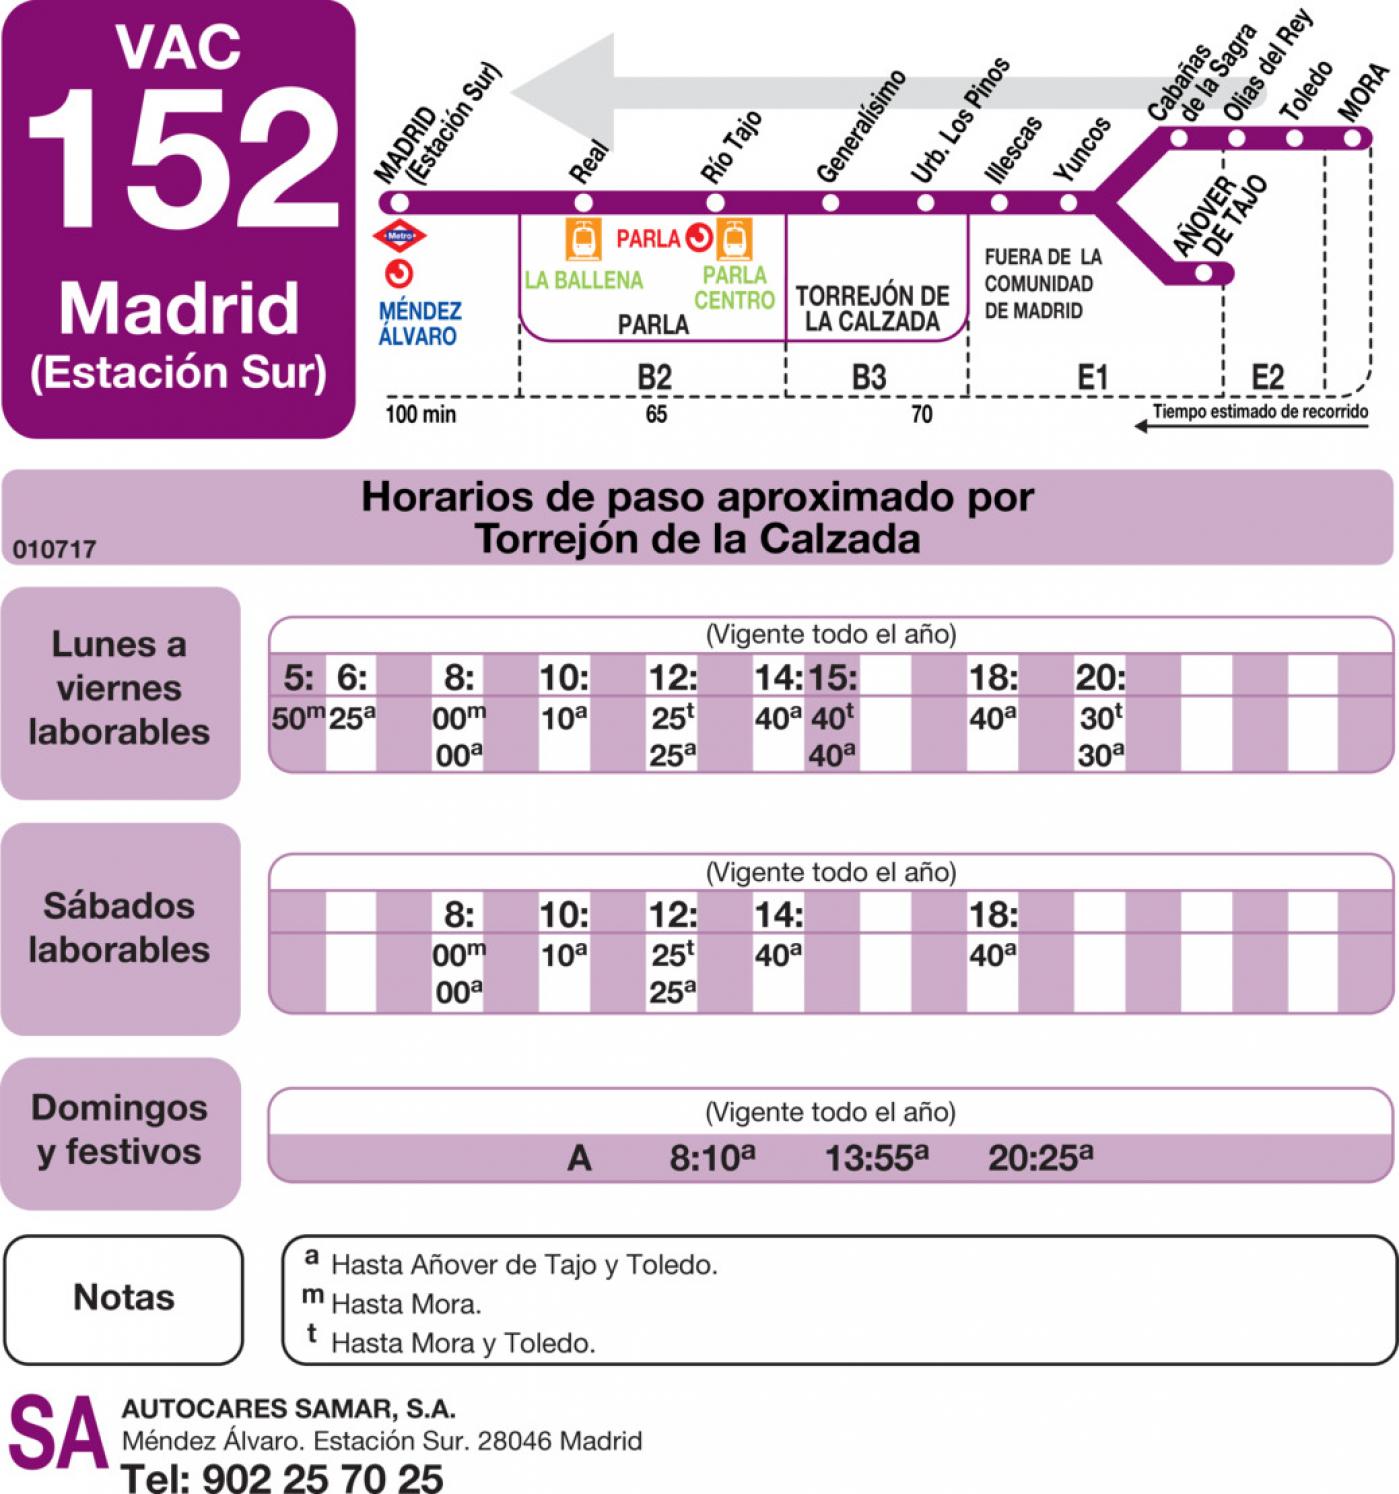 Tabla de horarios y frecuencias de paso en sentido vuelta Línea VAC-152: Madrid (Estación Sur) - Piedrabuena